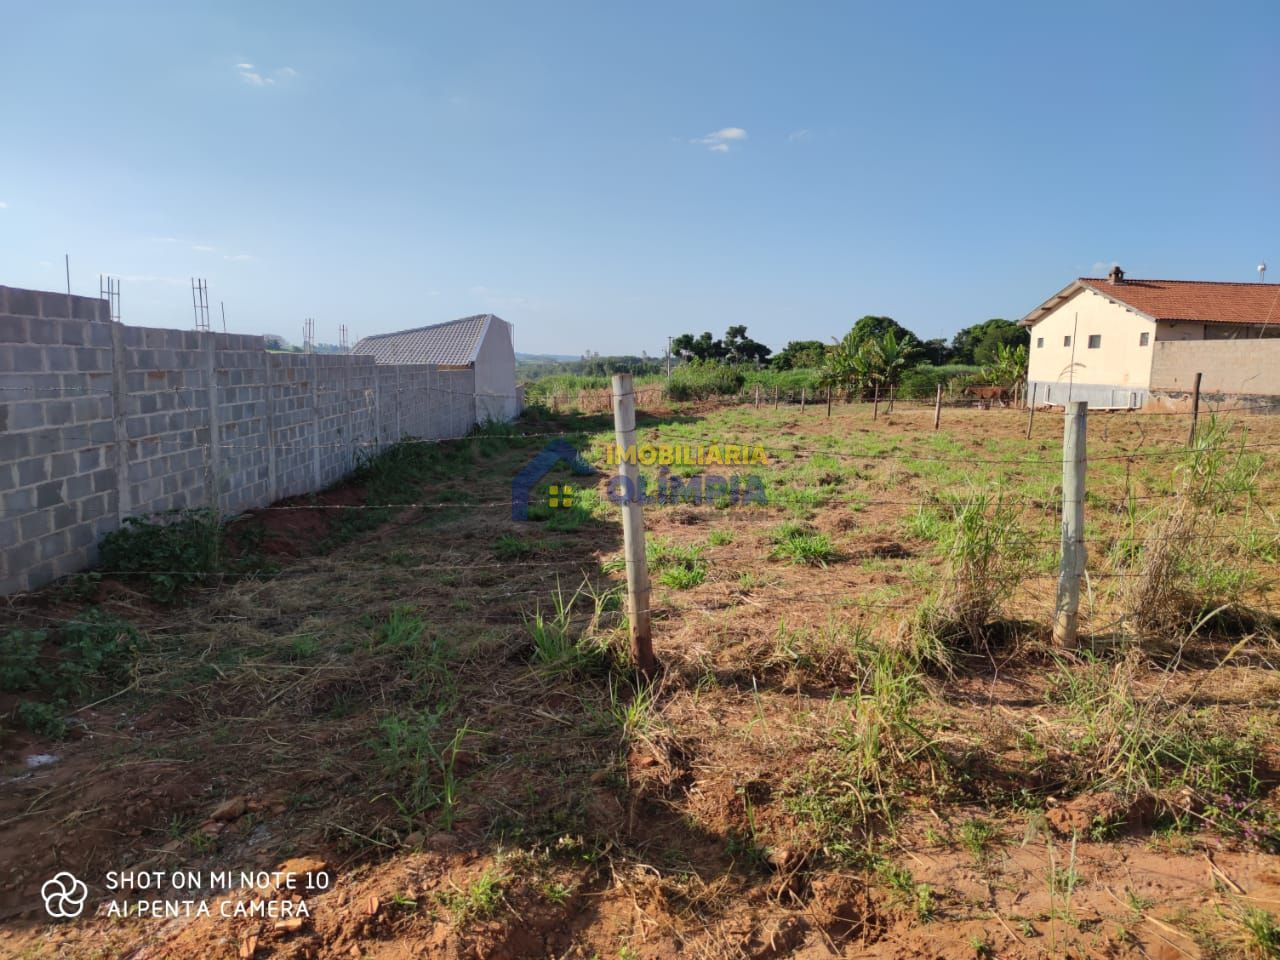 Fazenda/sítio/chácara/haras à venda  no Centro - Severinia, SP. Imóveis